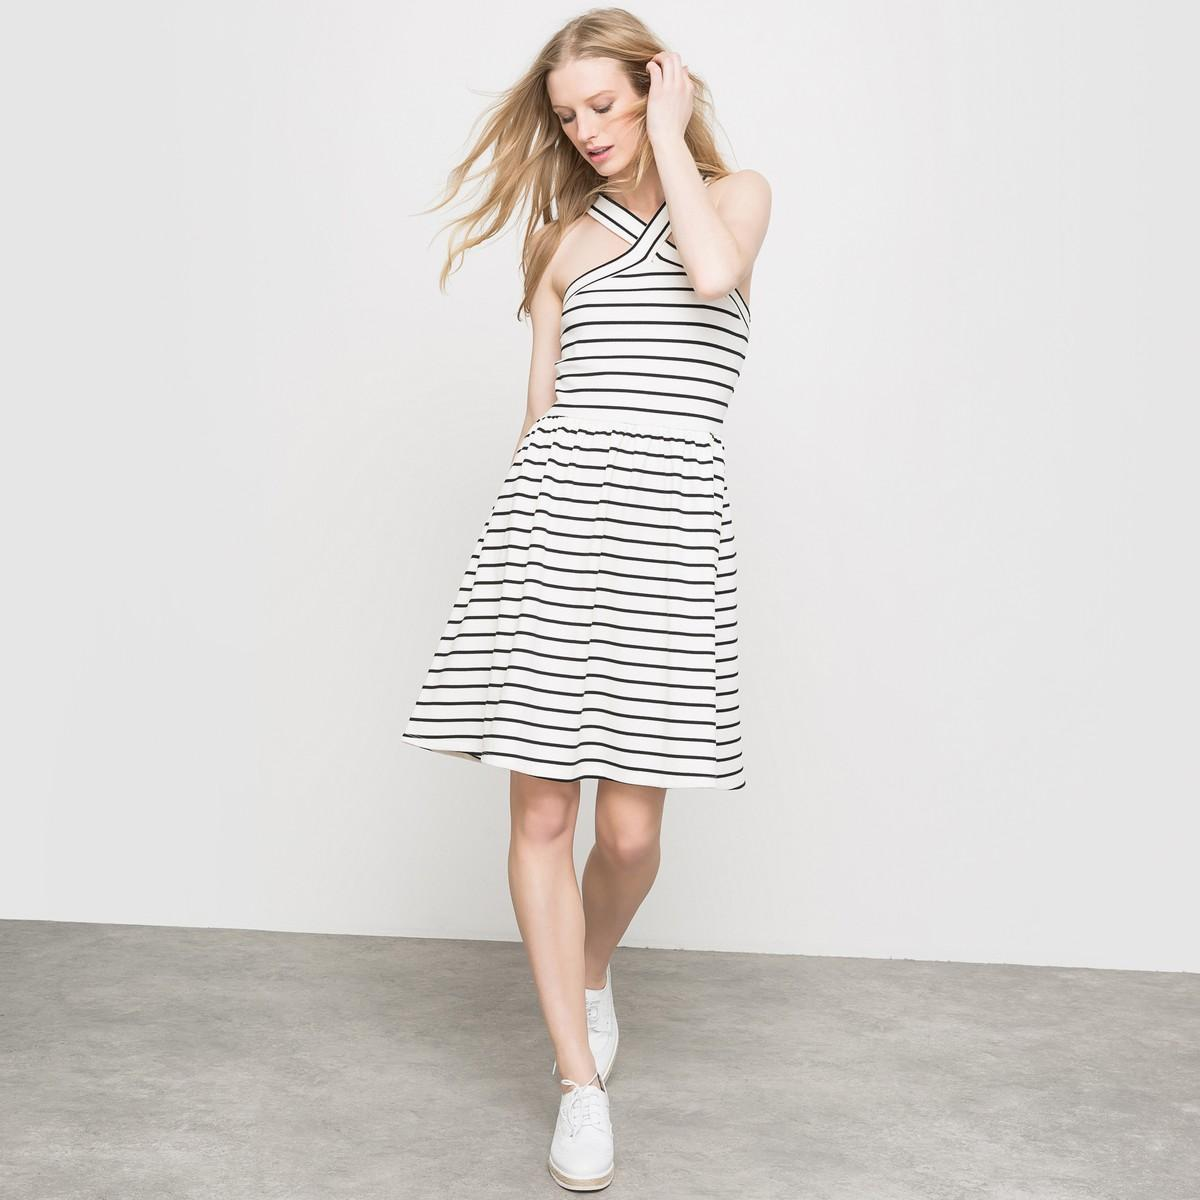 Платье  - в полоску экрю/черный цвет